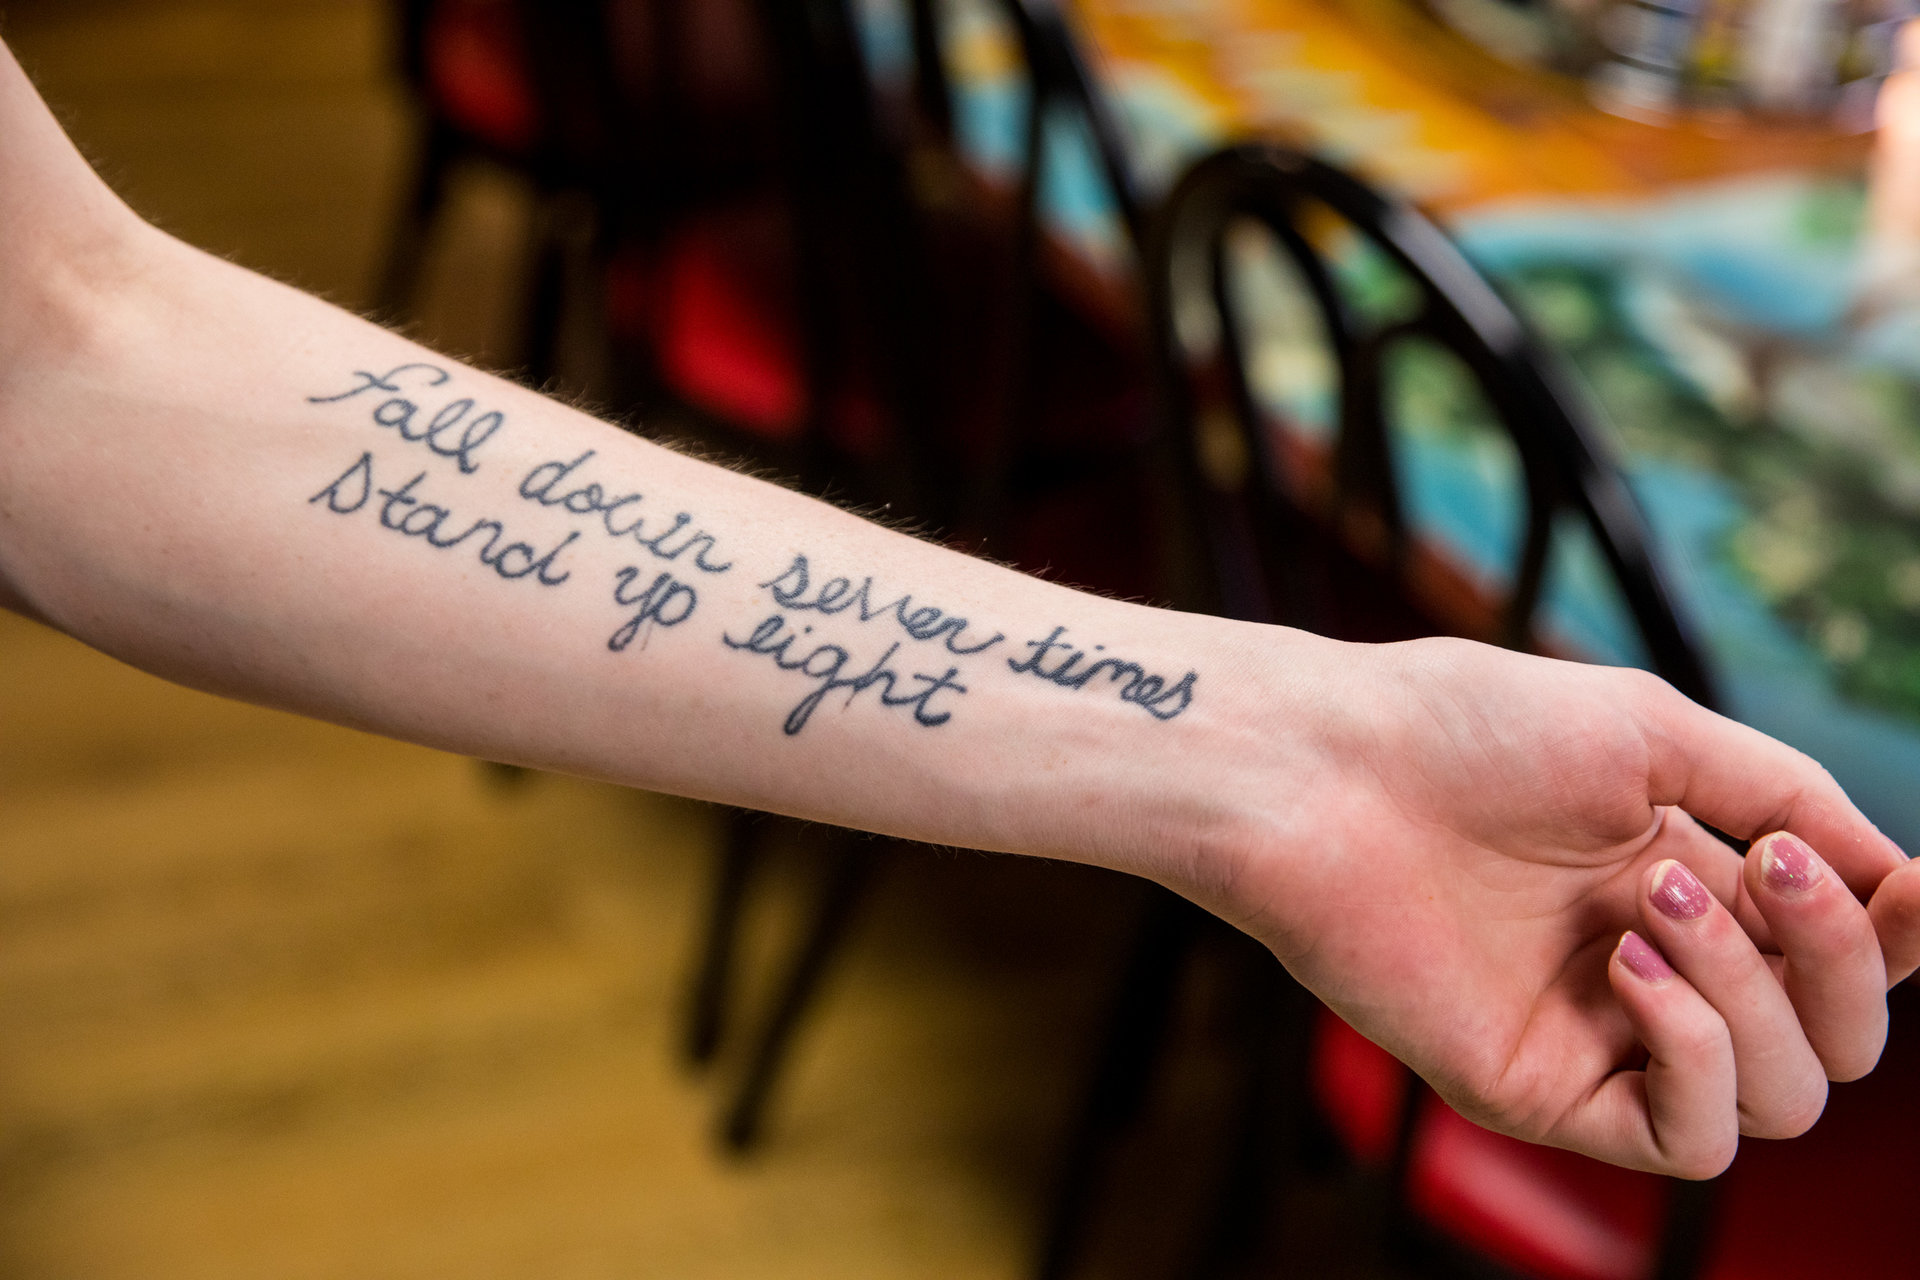 Sur son bras, un tatouage «Tomber sept fois, se relever huit».